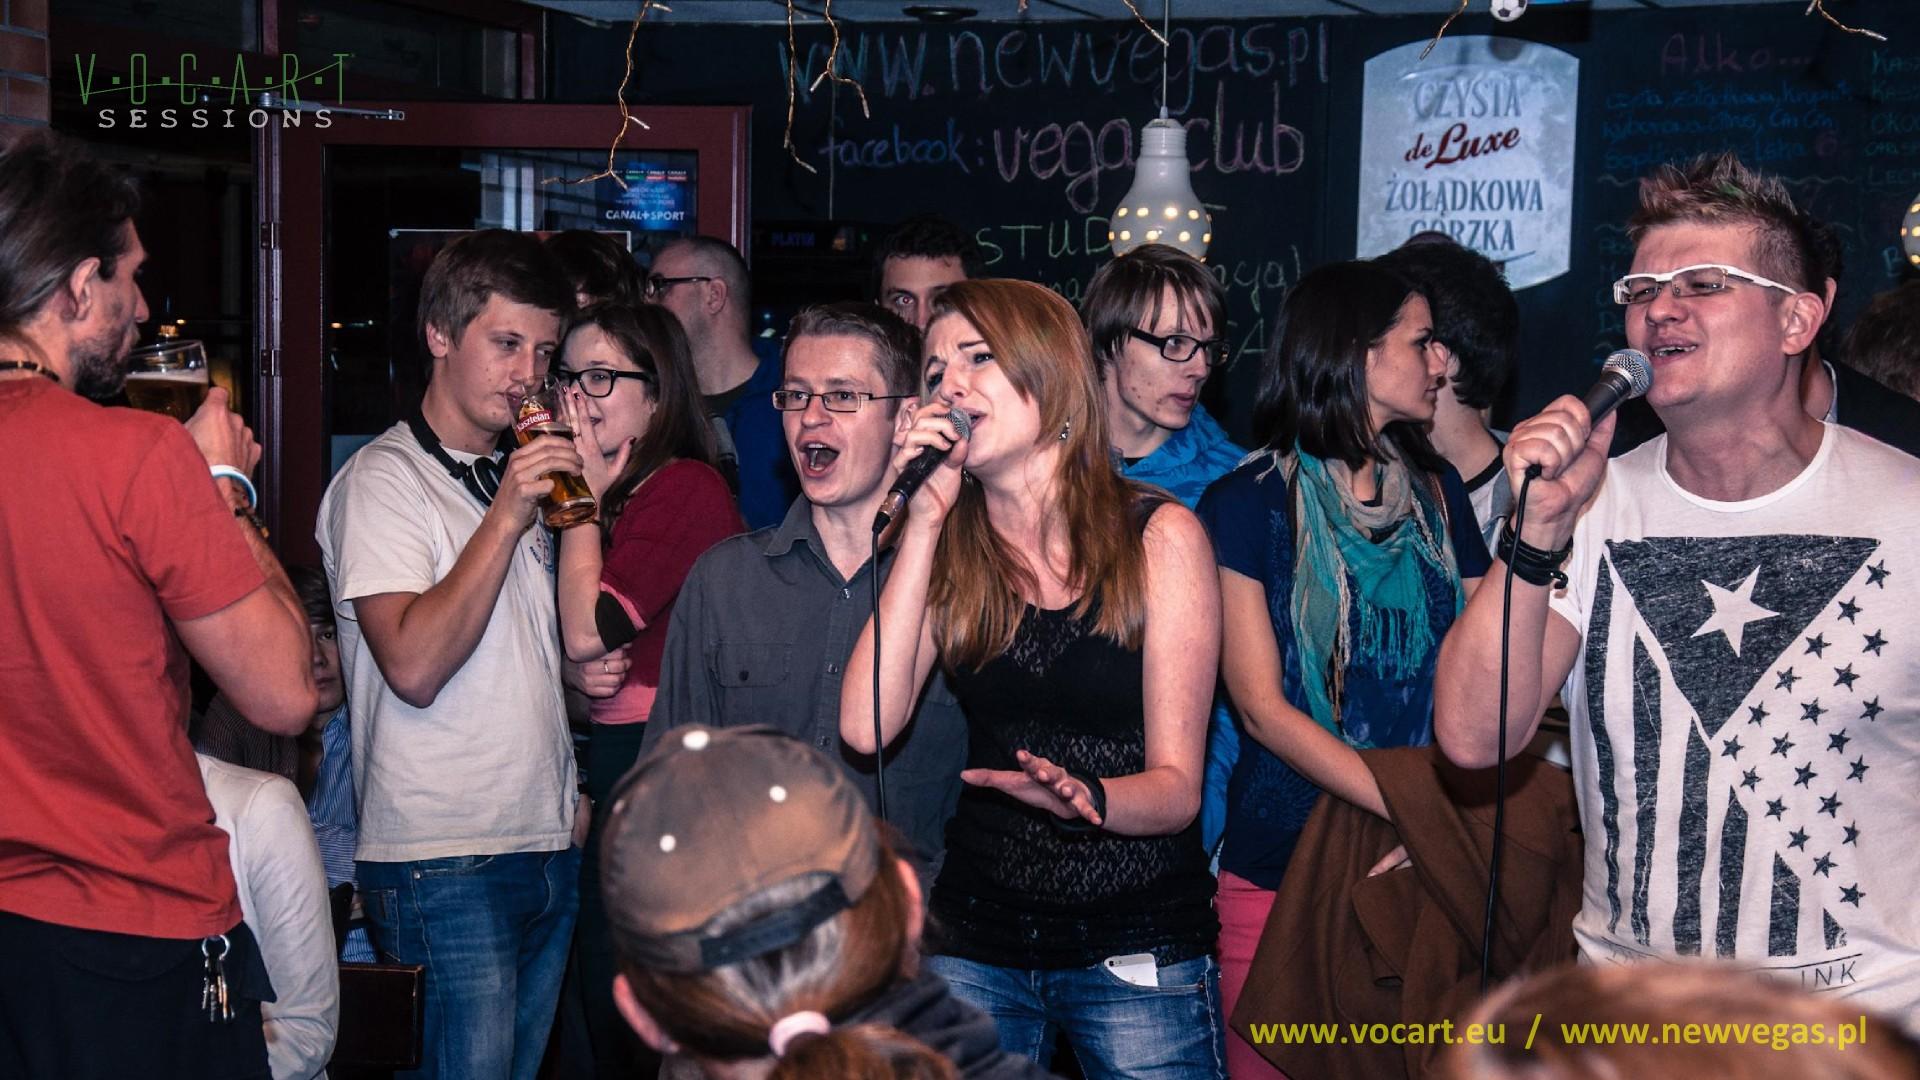 VOCART - 30.11.2013 foto6